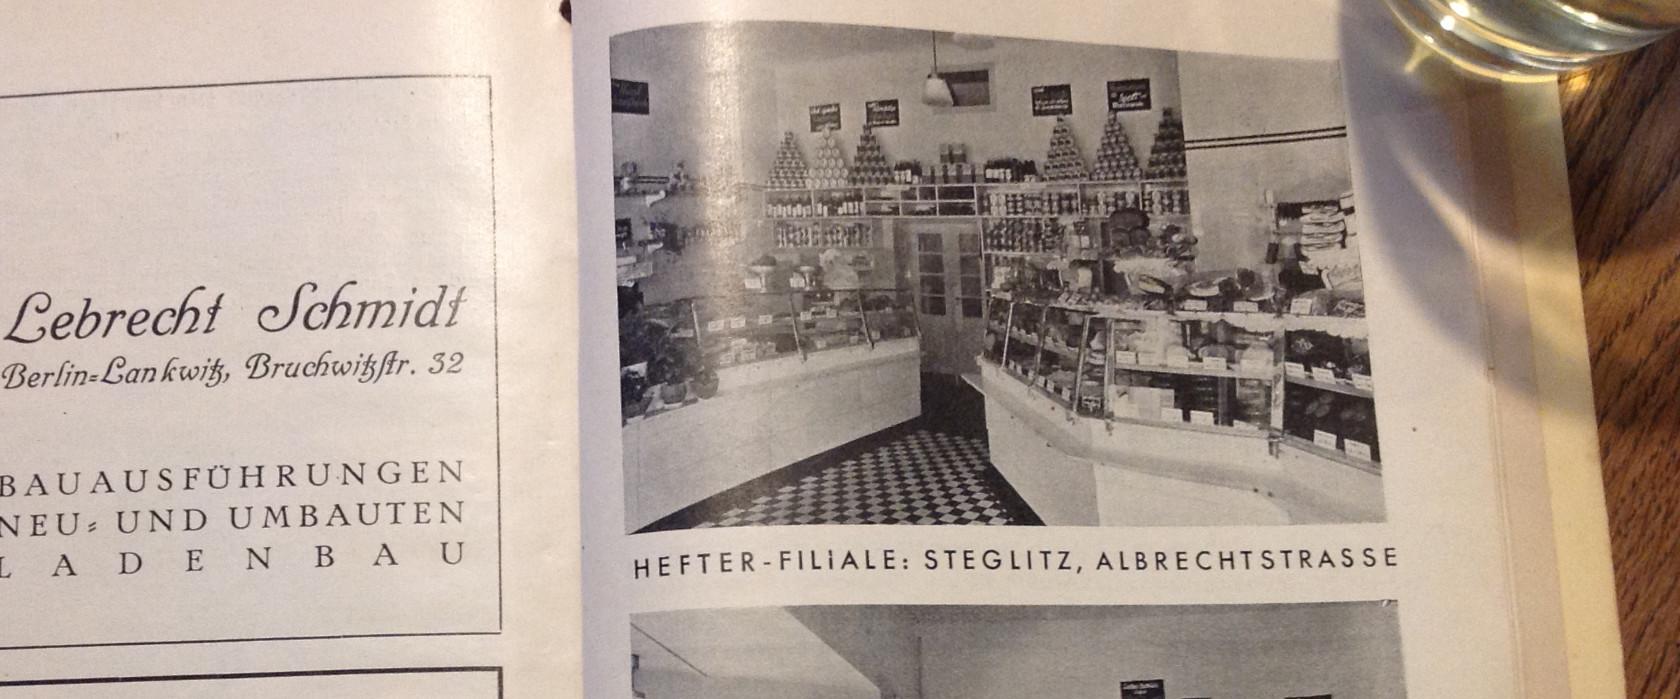 Galerie Buergel Filiale